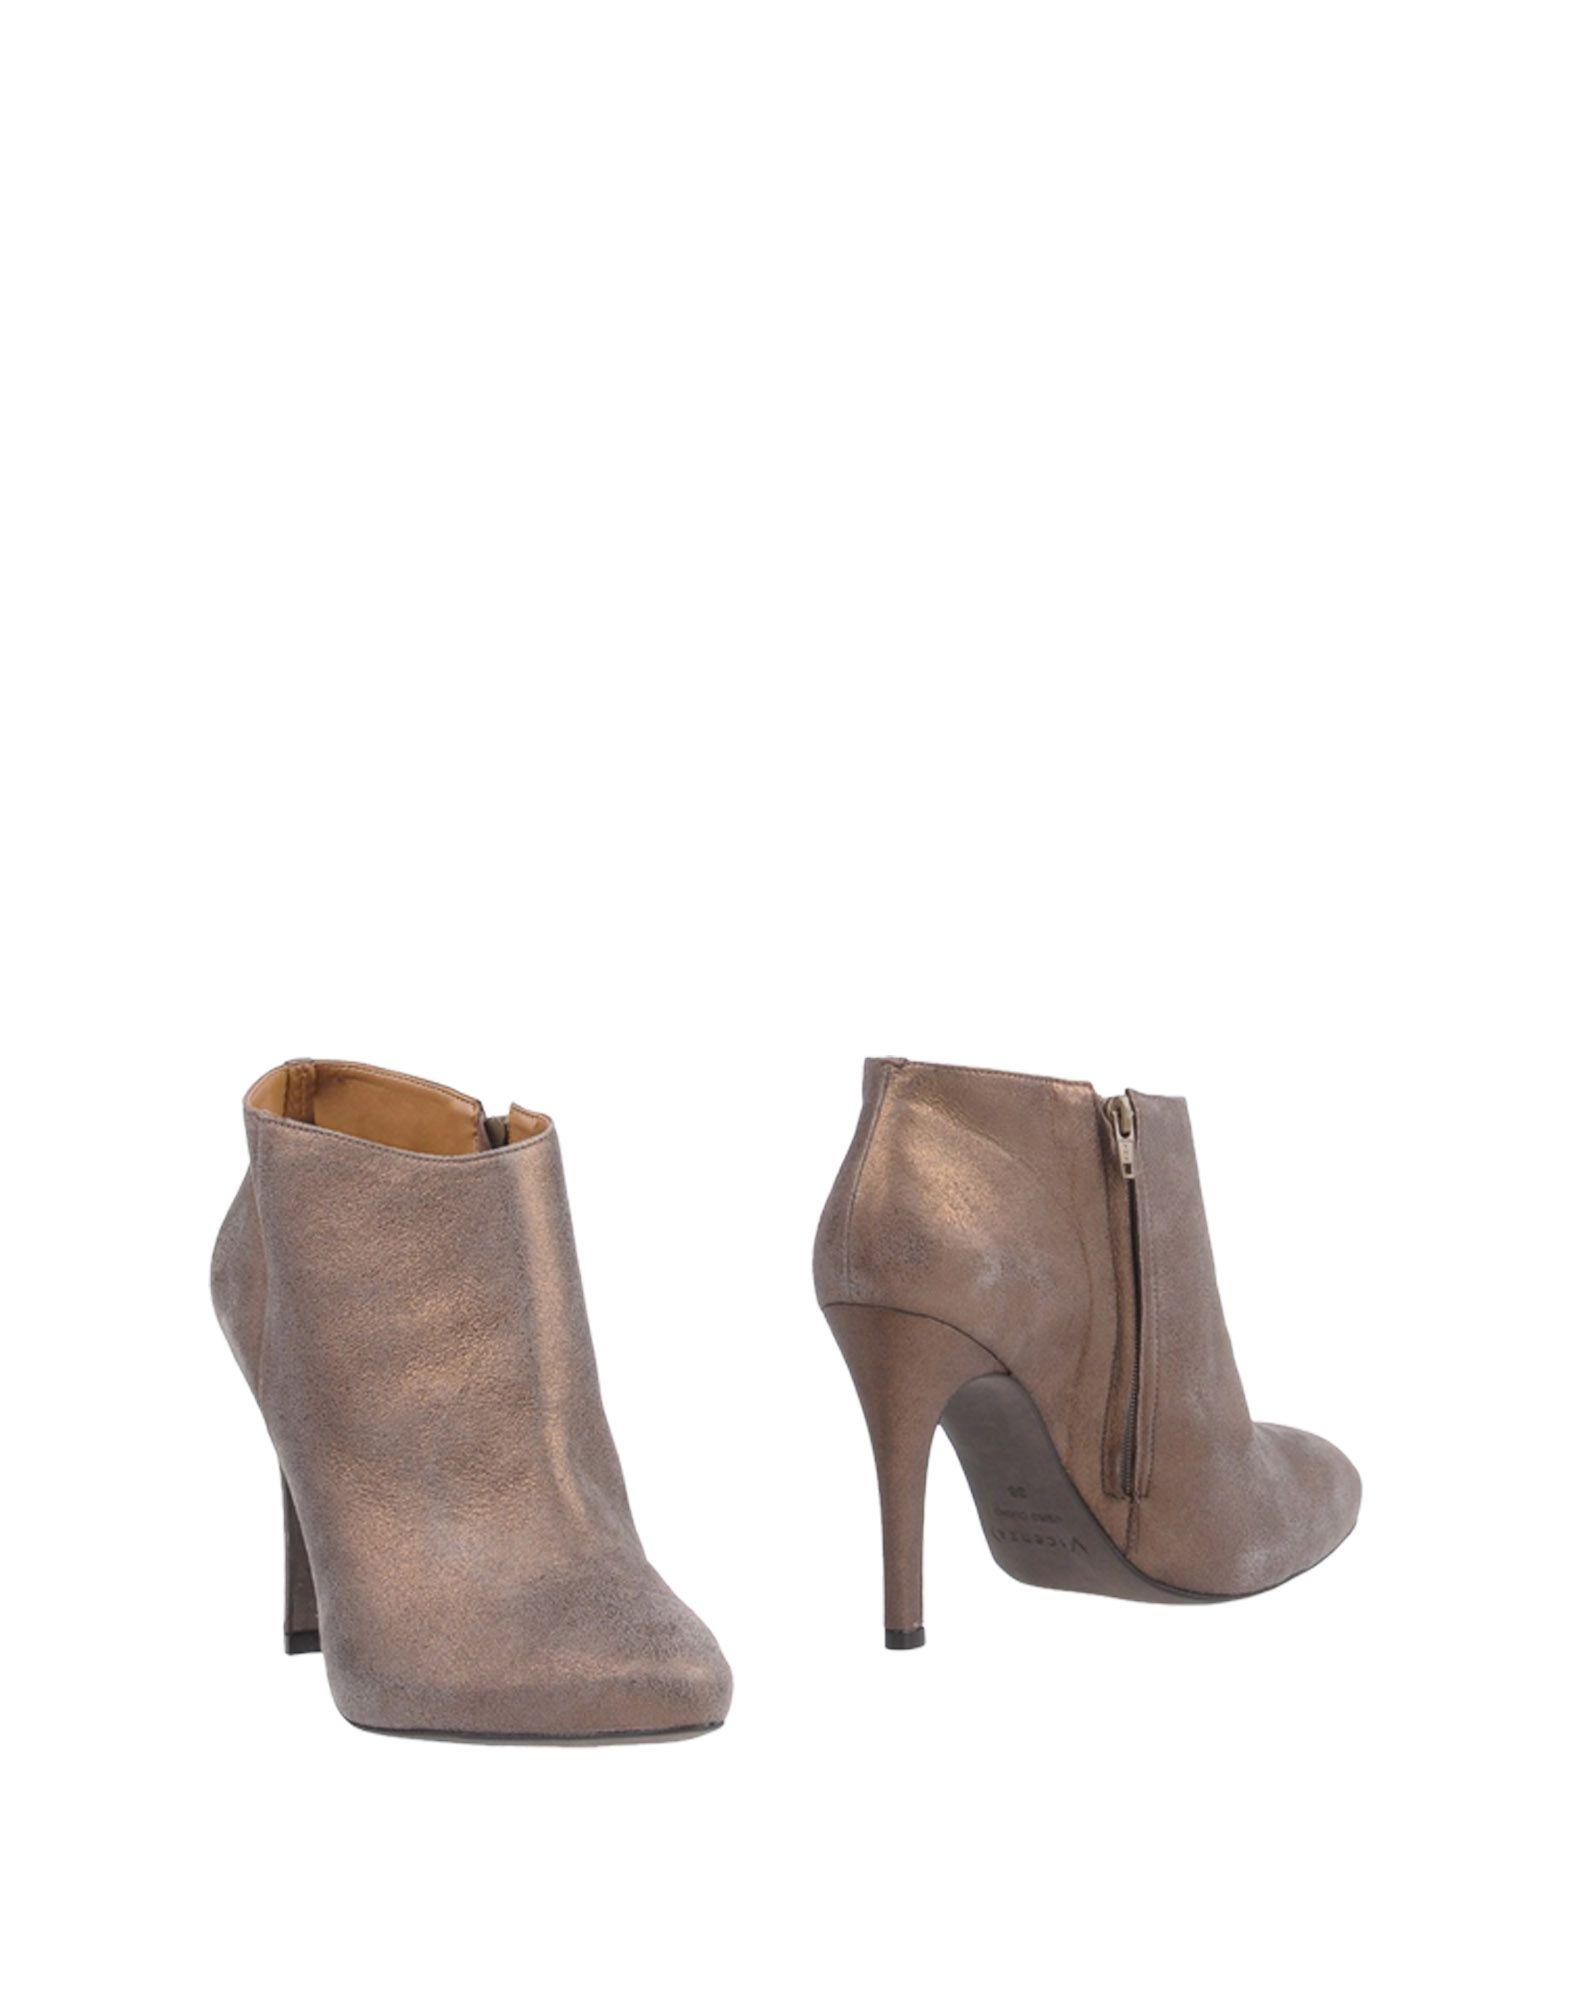 Stivaletti Vicenza) Donna - 11318520UV Scarpe economiche e buone